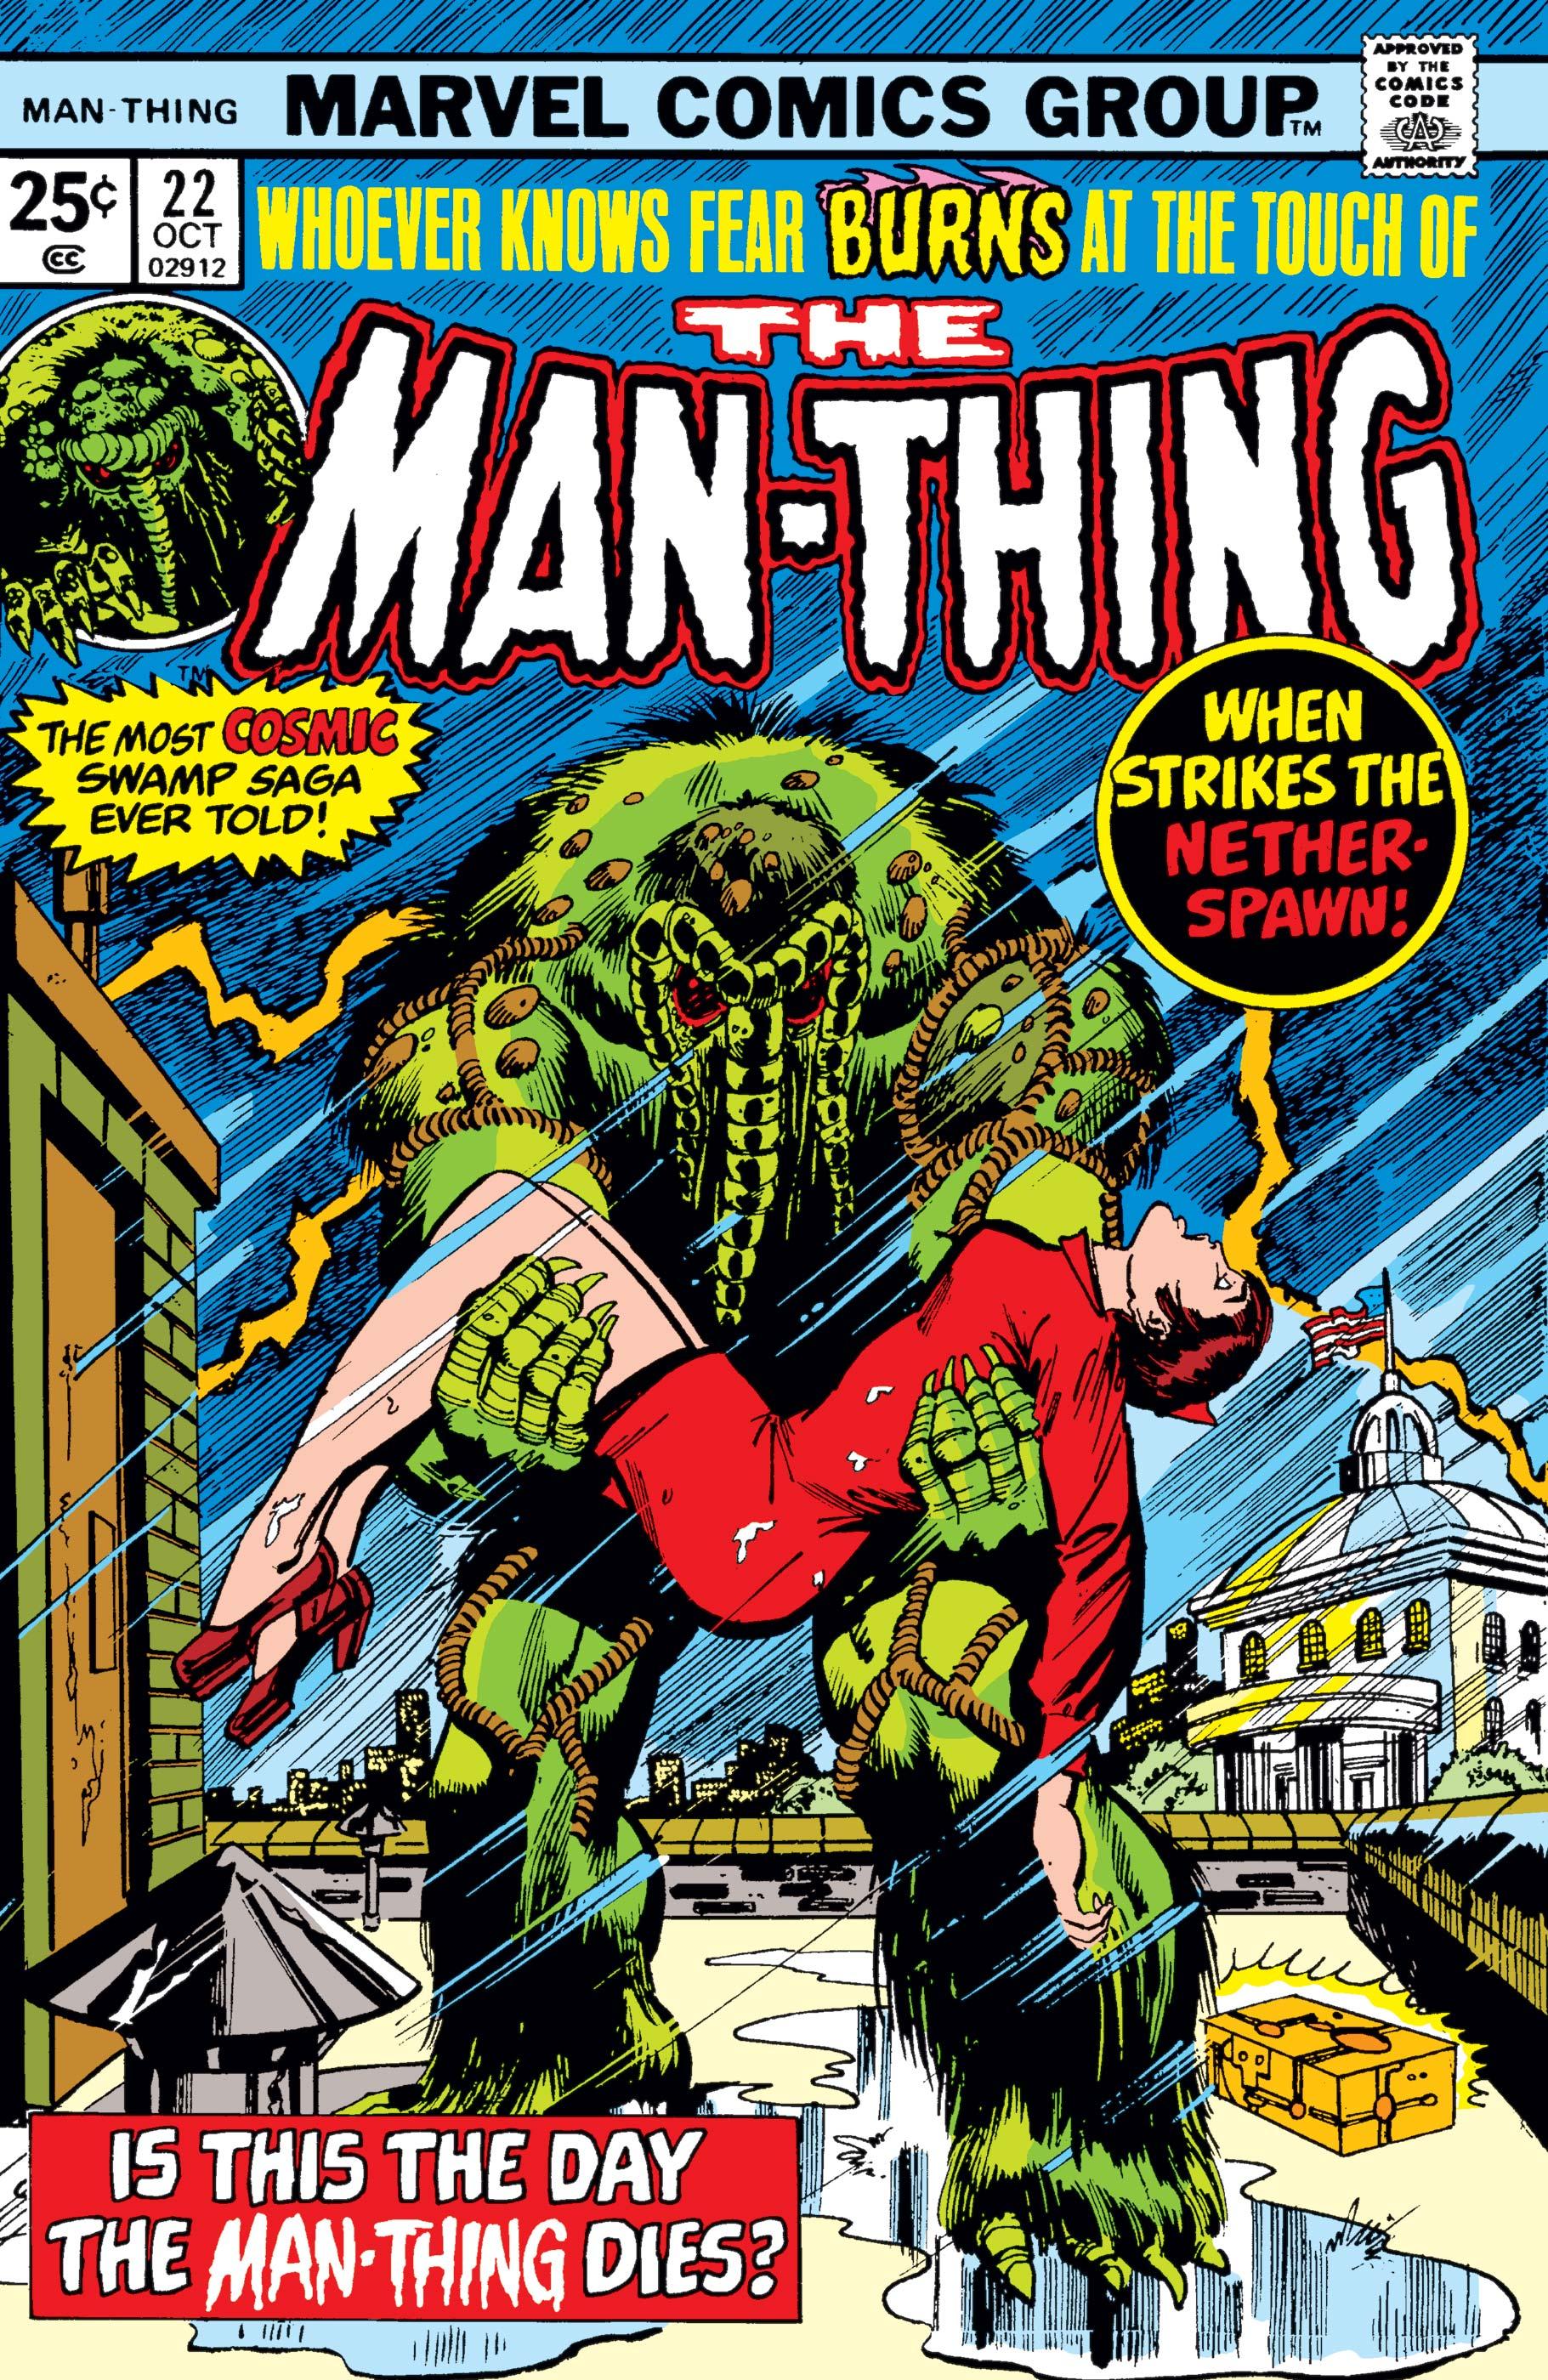 Man-Thing (1974) #22